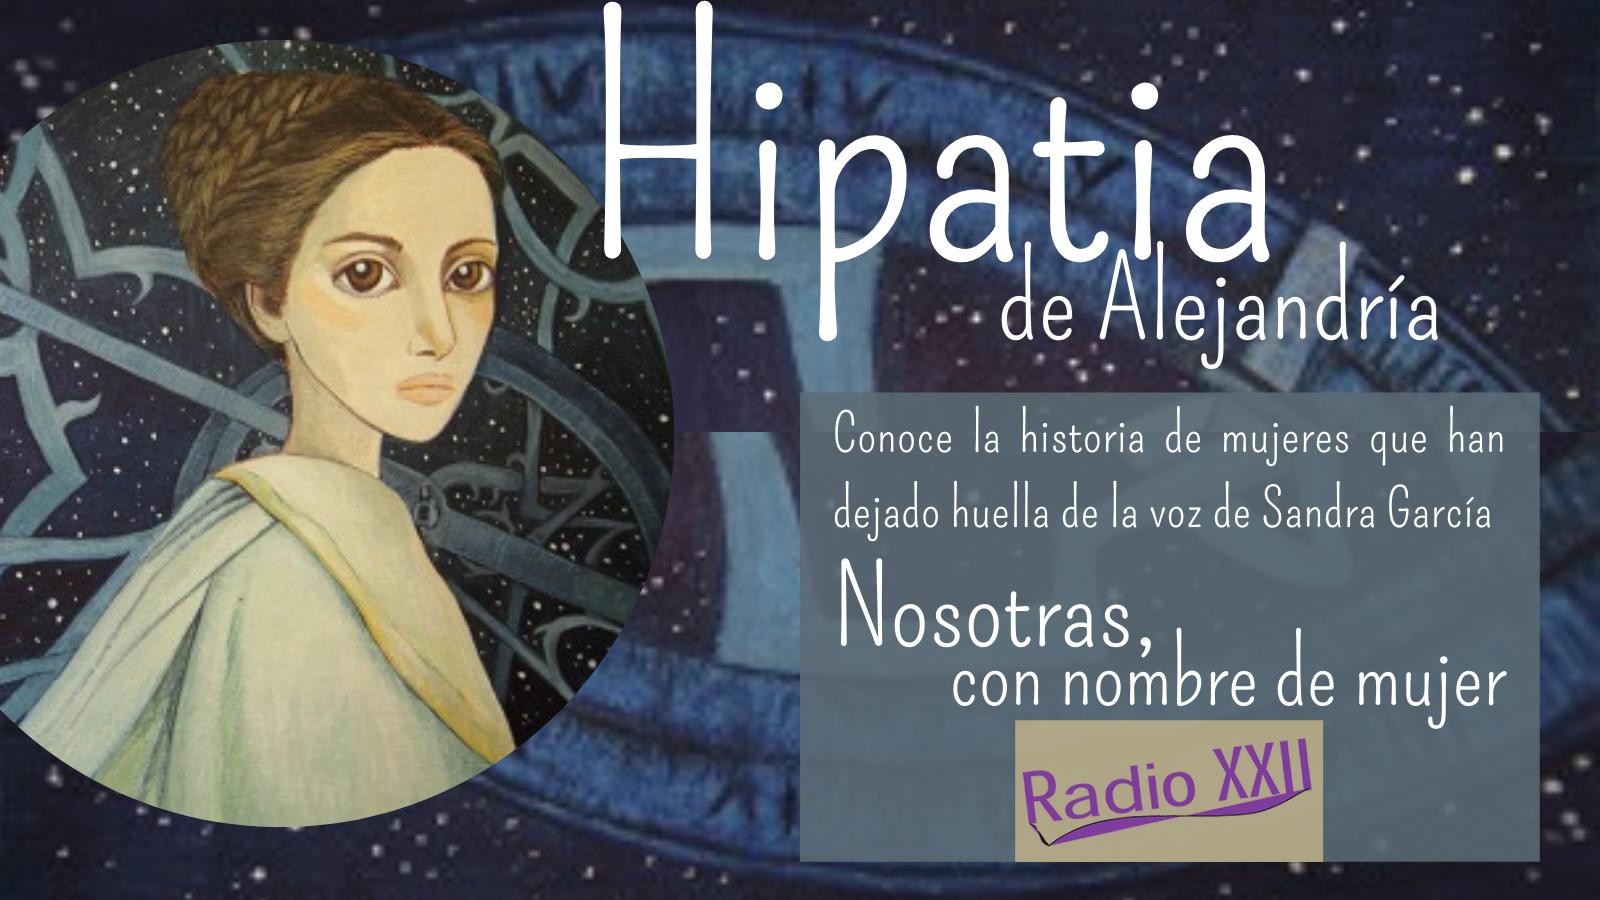 NOSOTRAS - Hipatia de Alejandría